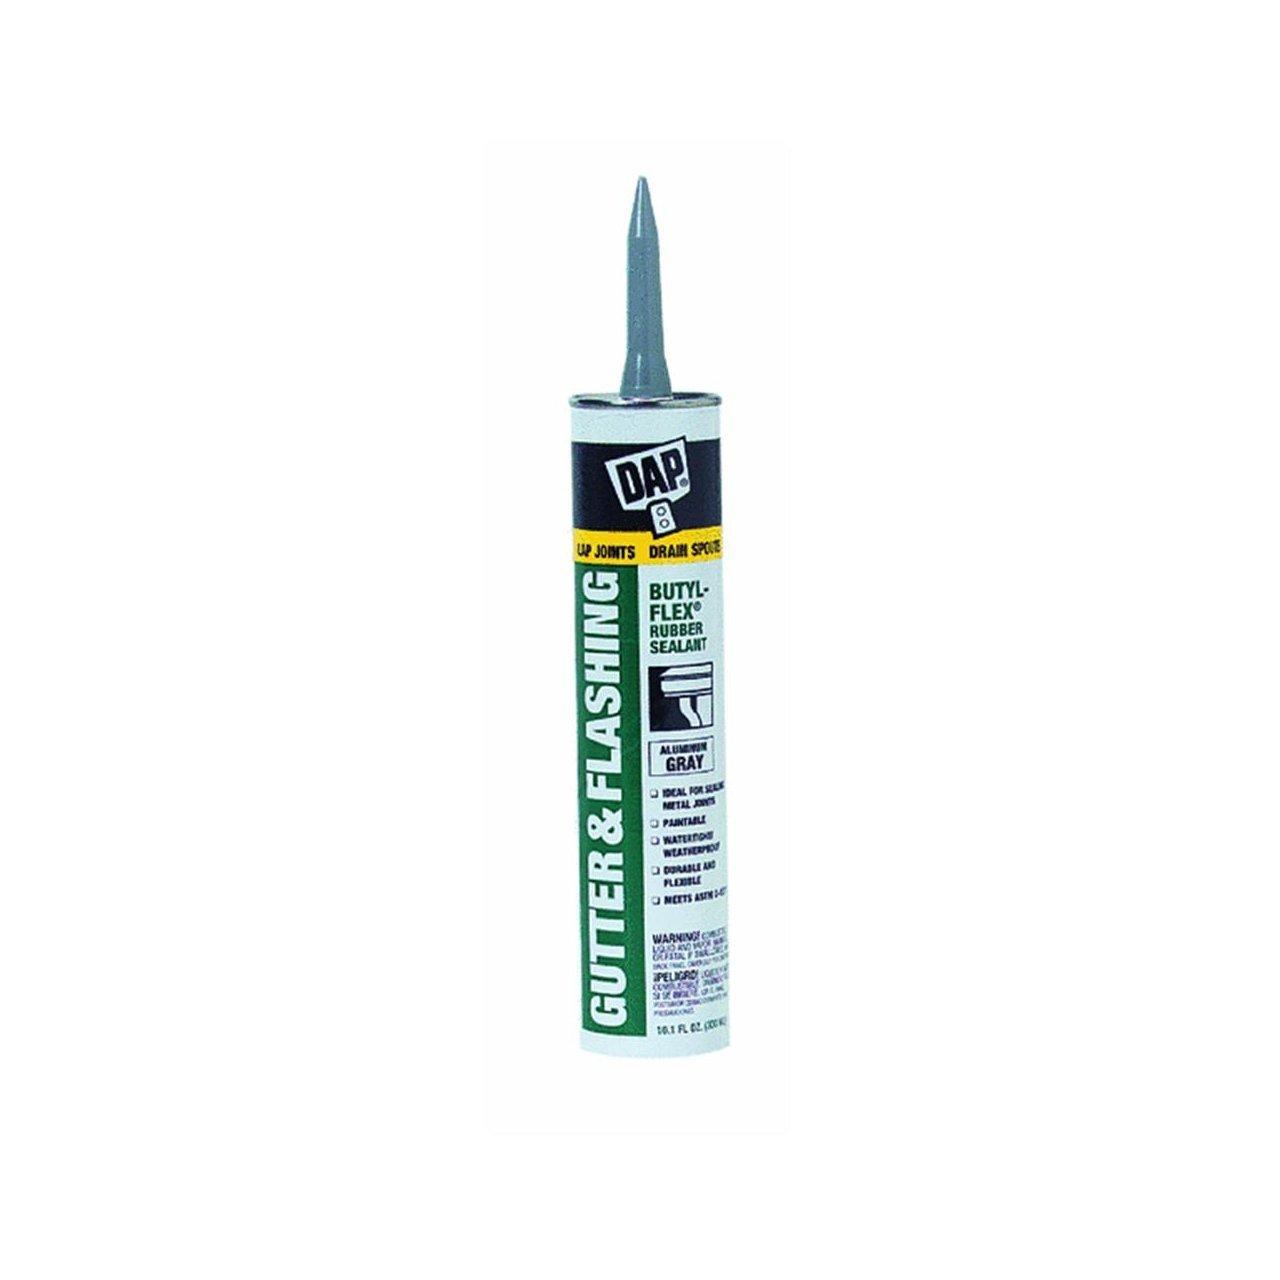 Dap 18188 12 Pack 10.1 oz. Butyl-Flex Gutter and Flashing Sealant, Aluminum Gray